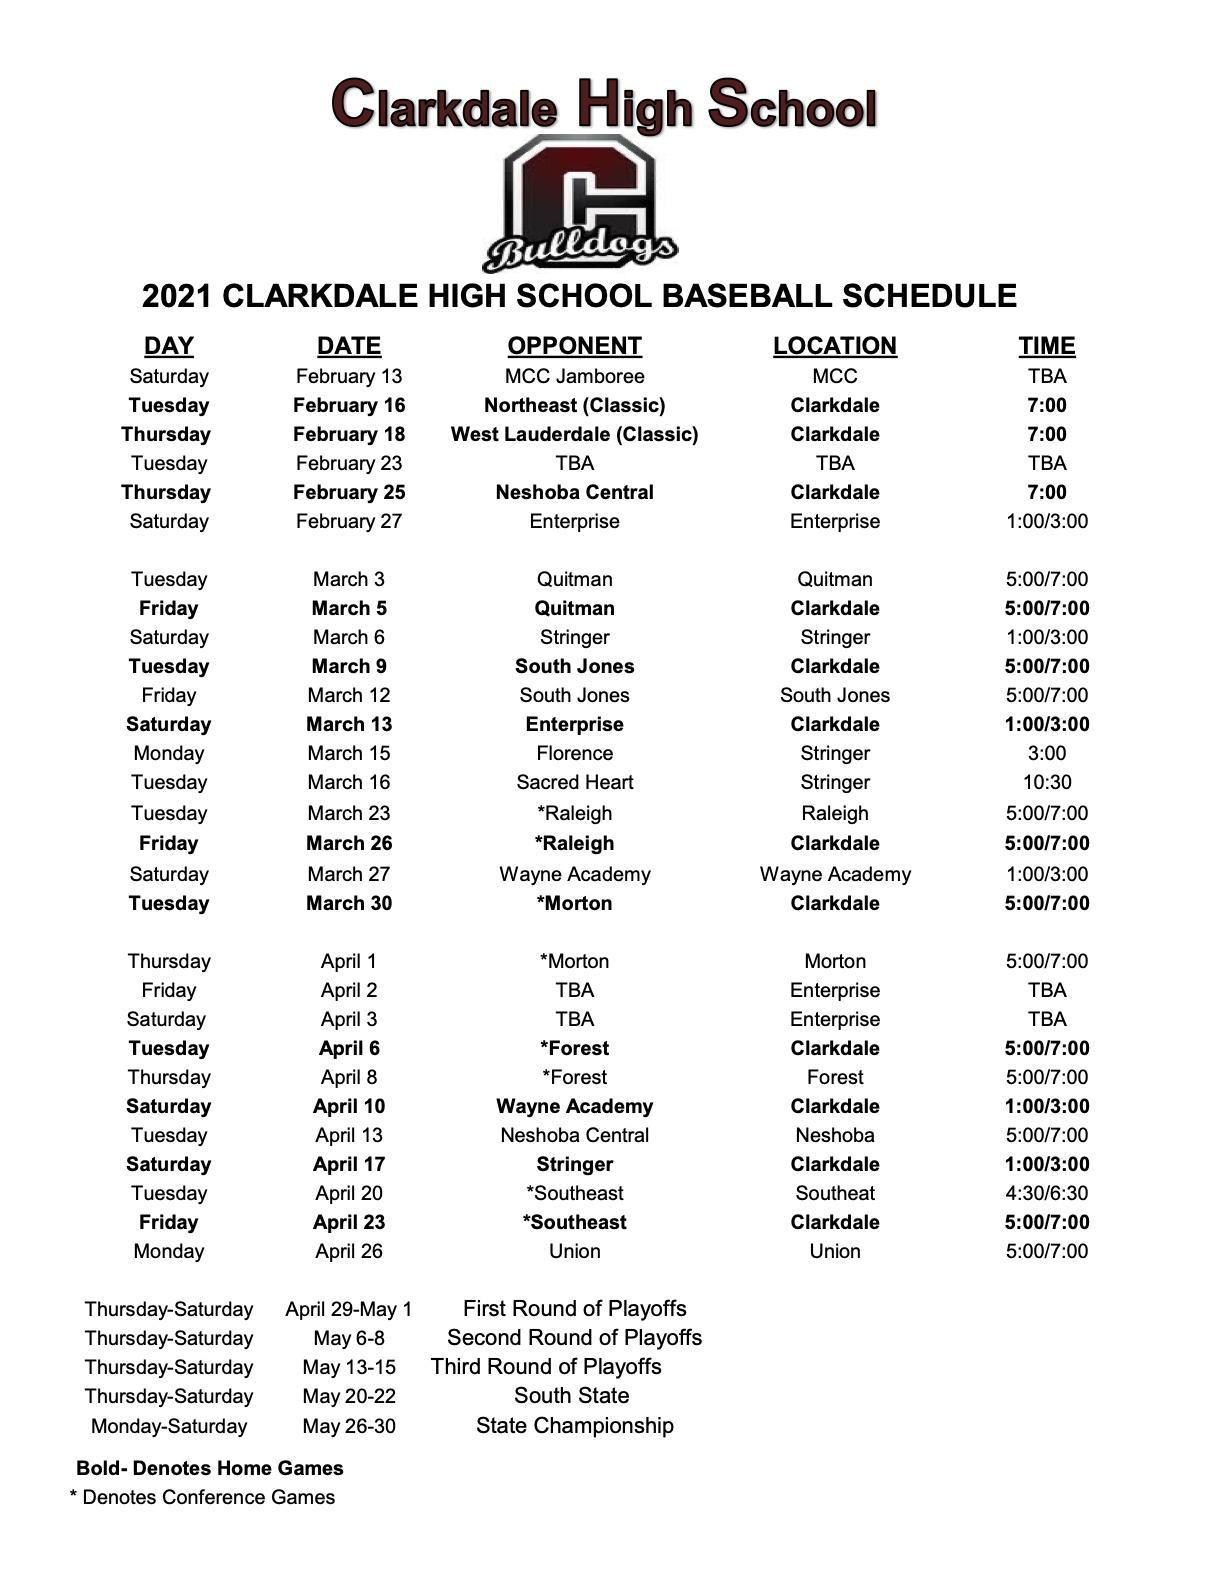 CHS 2021 Baseball Schedule